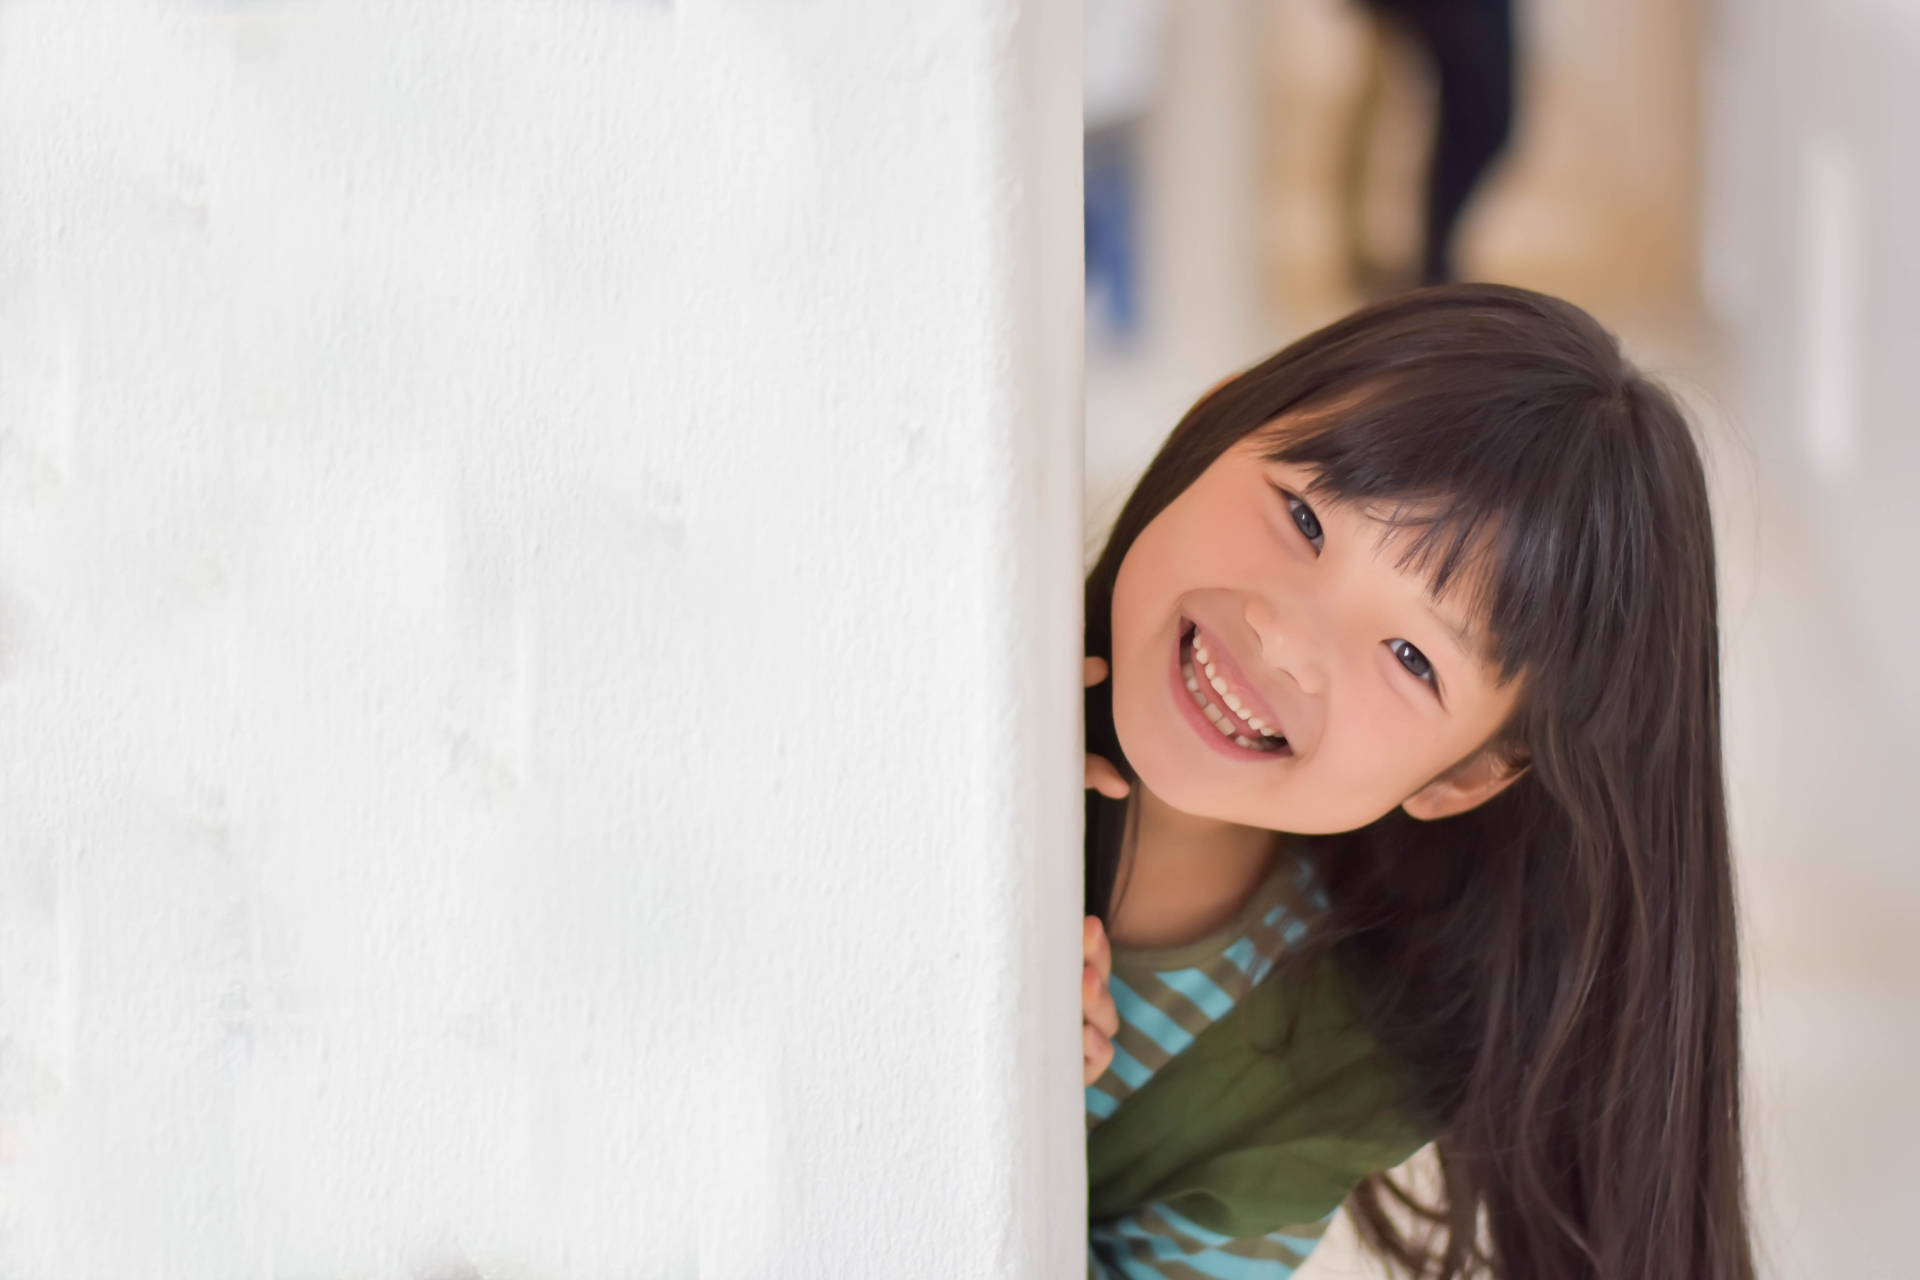 子どもが忘れ物をしたとき、言ってはいけない叱り方は?の画像3